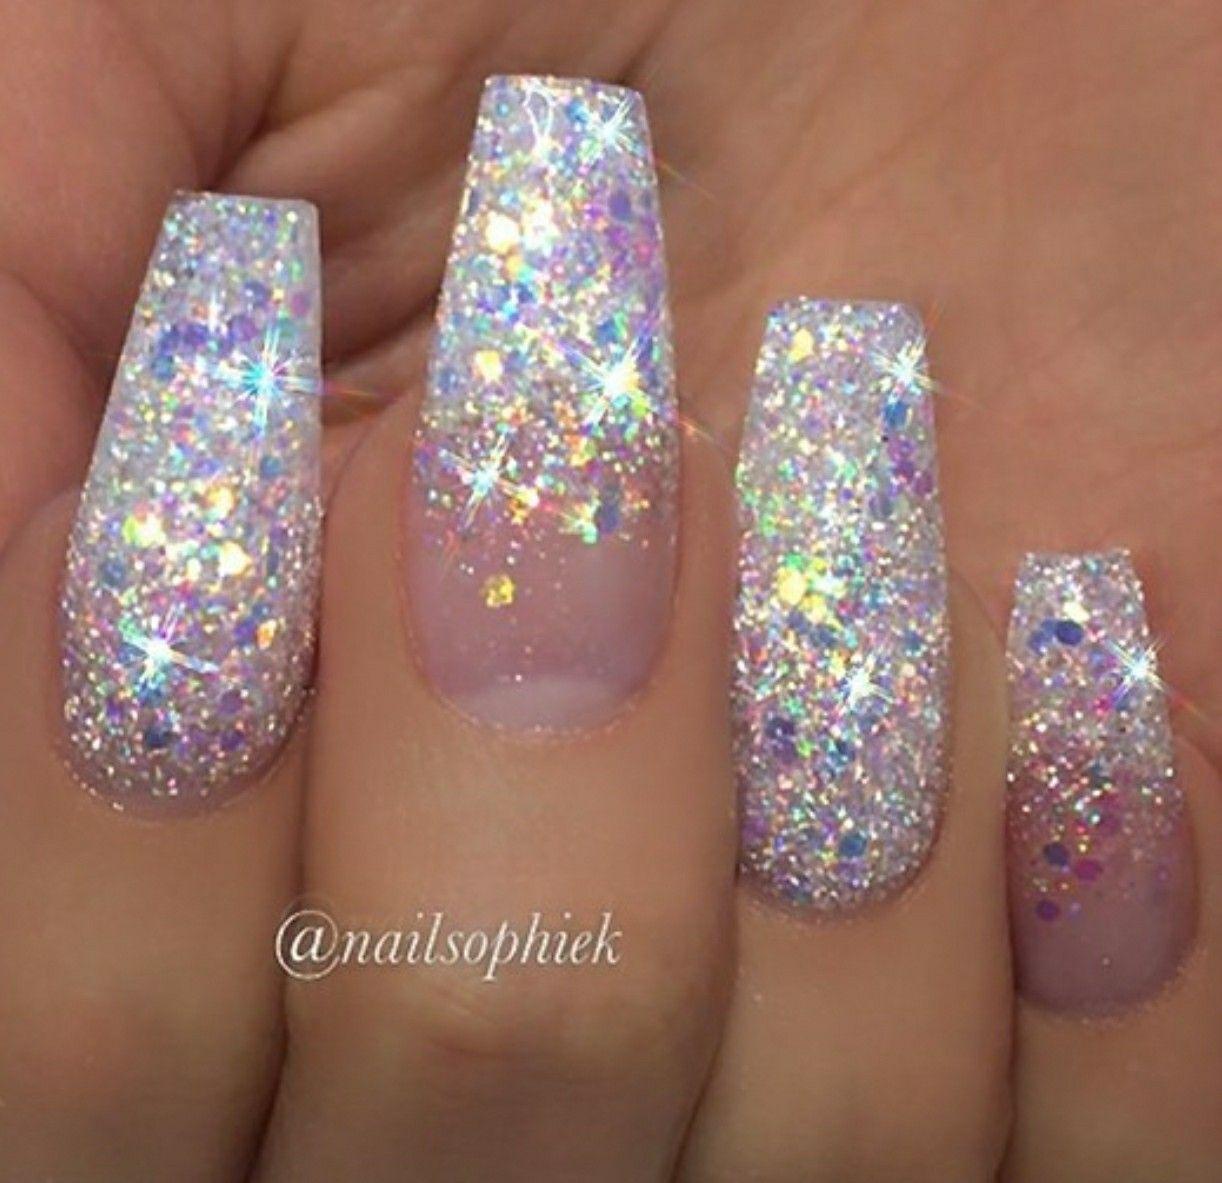 Ballerina Nails Glitter Nails Ombre Nails Acrylic Nails Nails